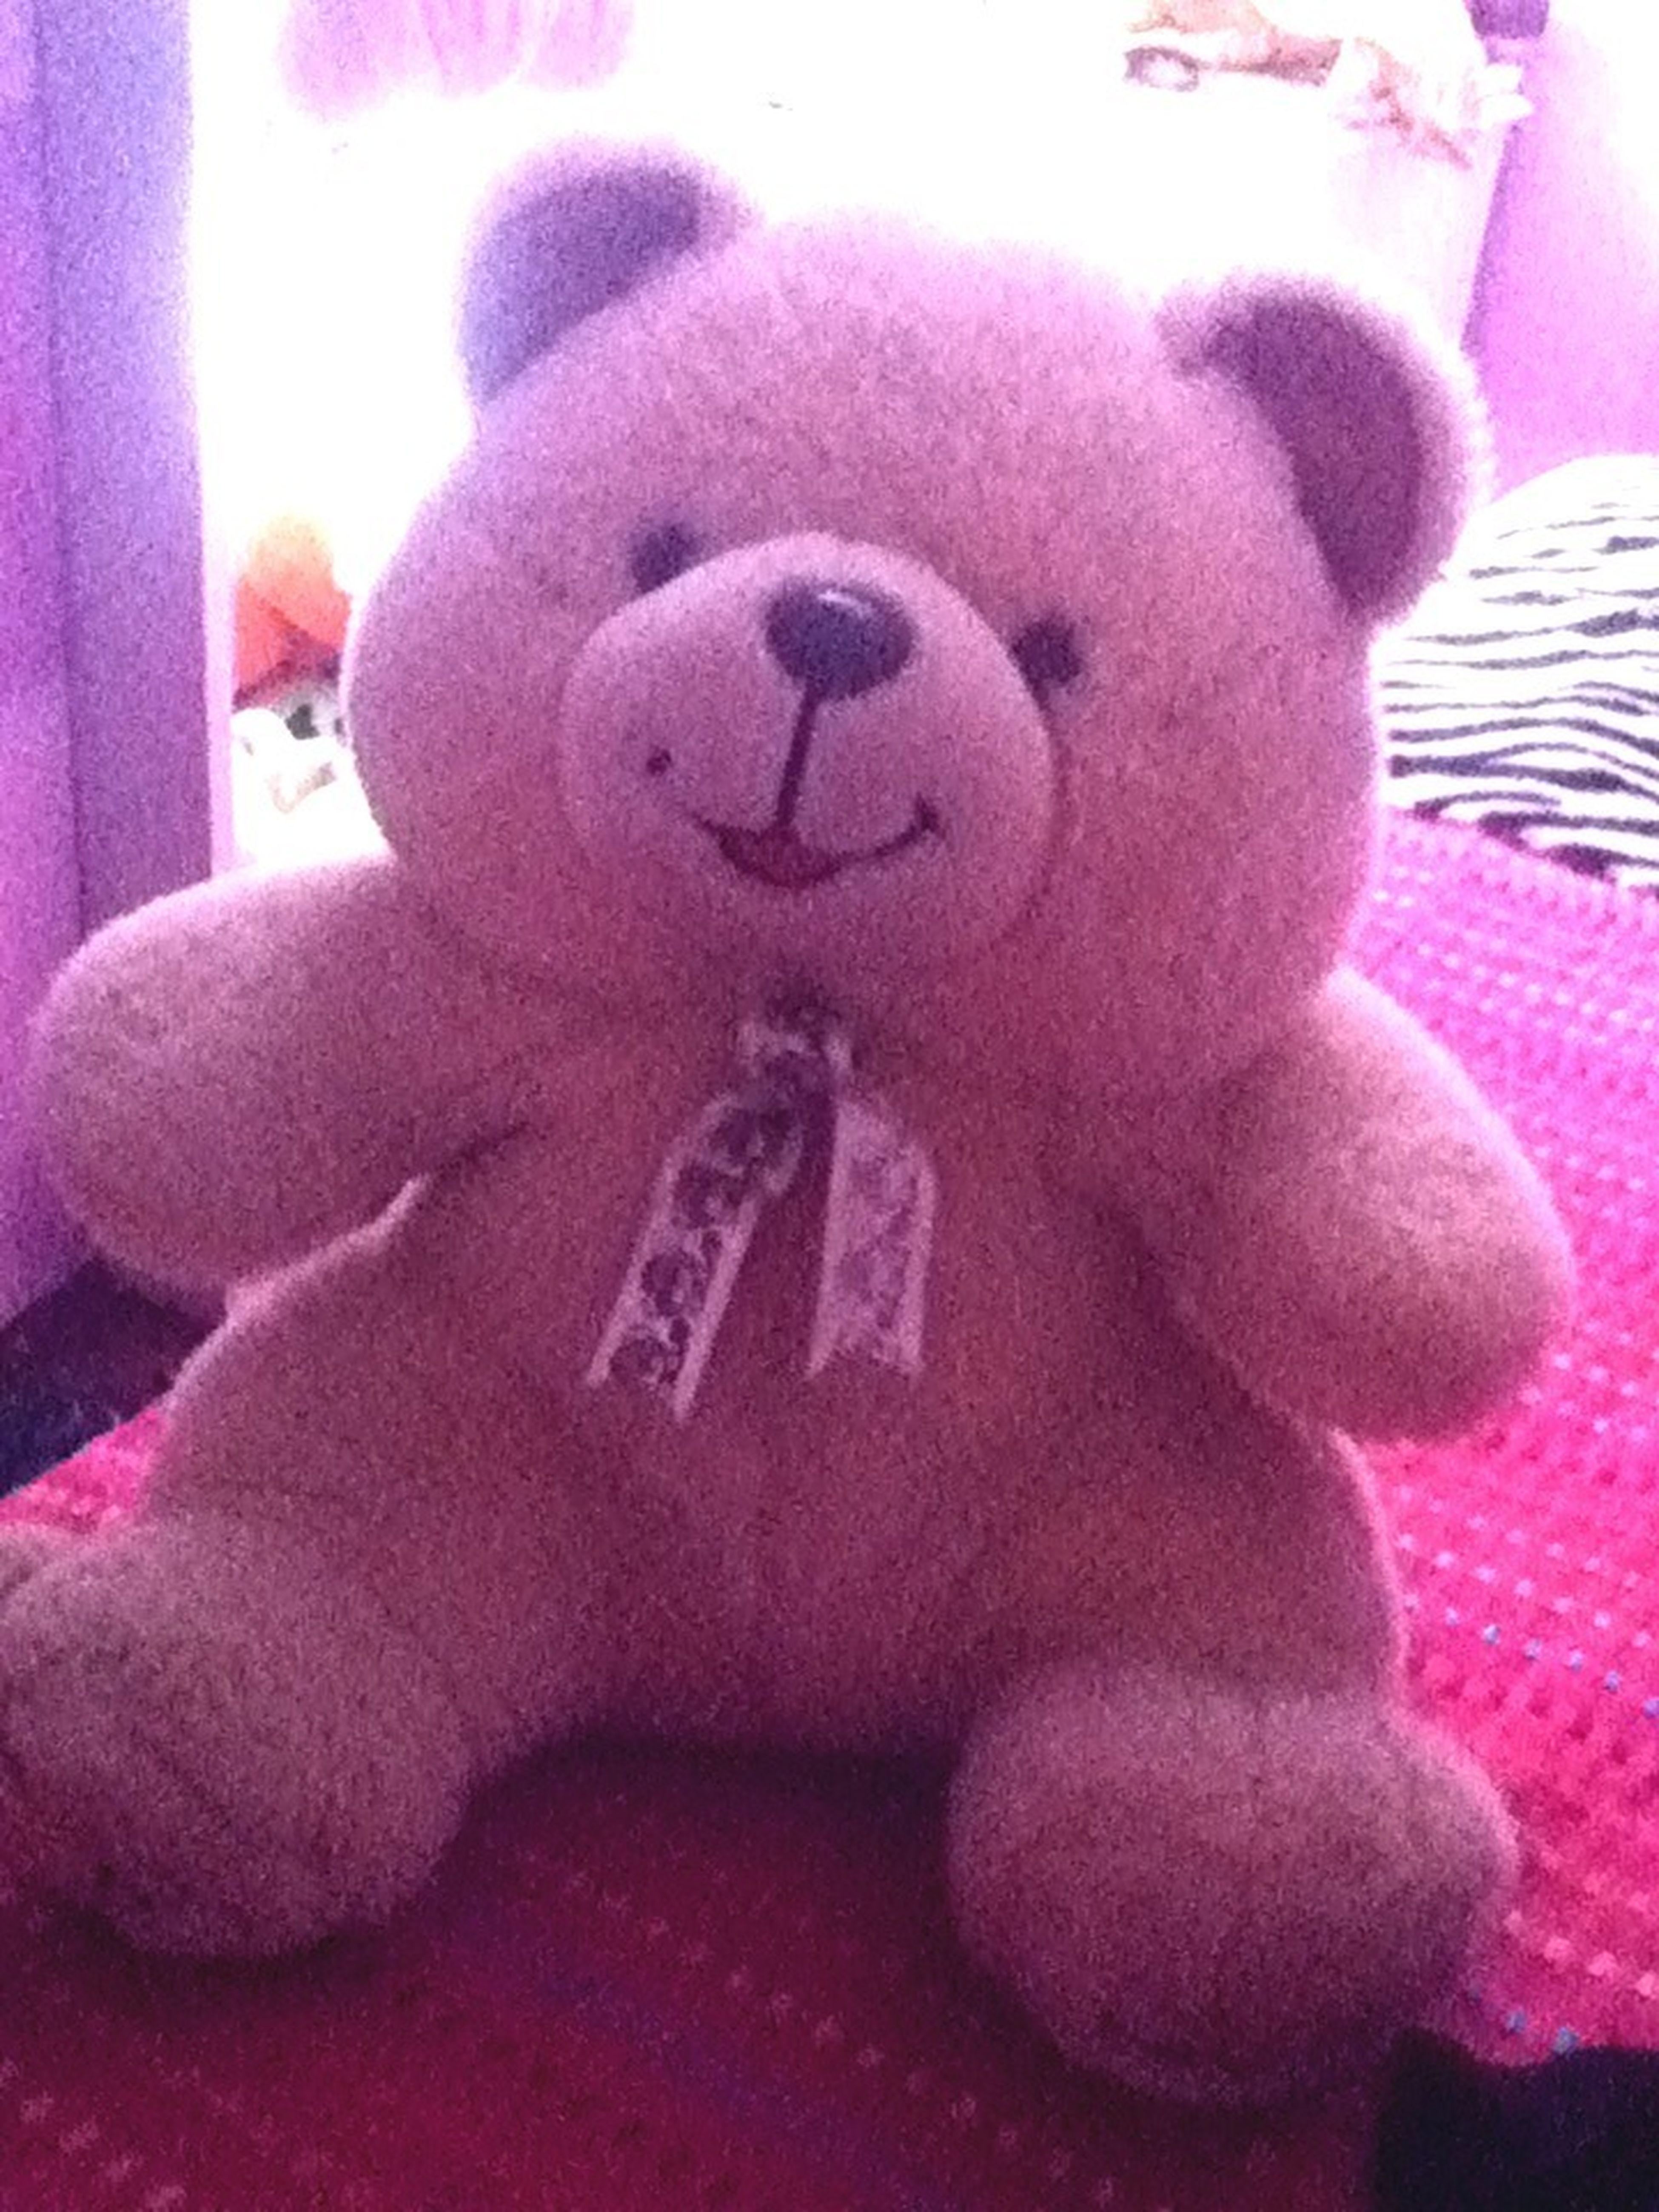 Mi Teddy